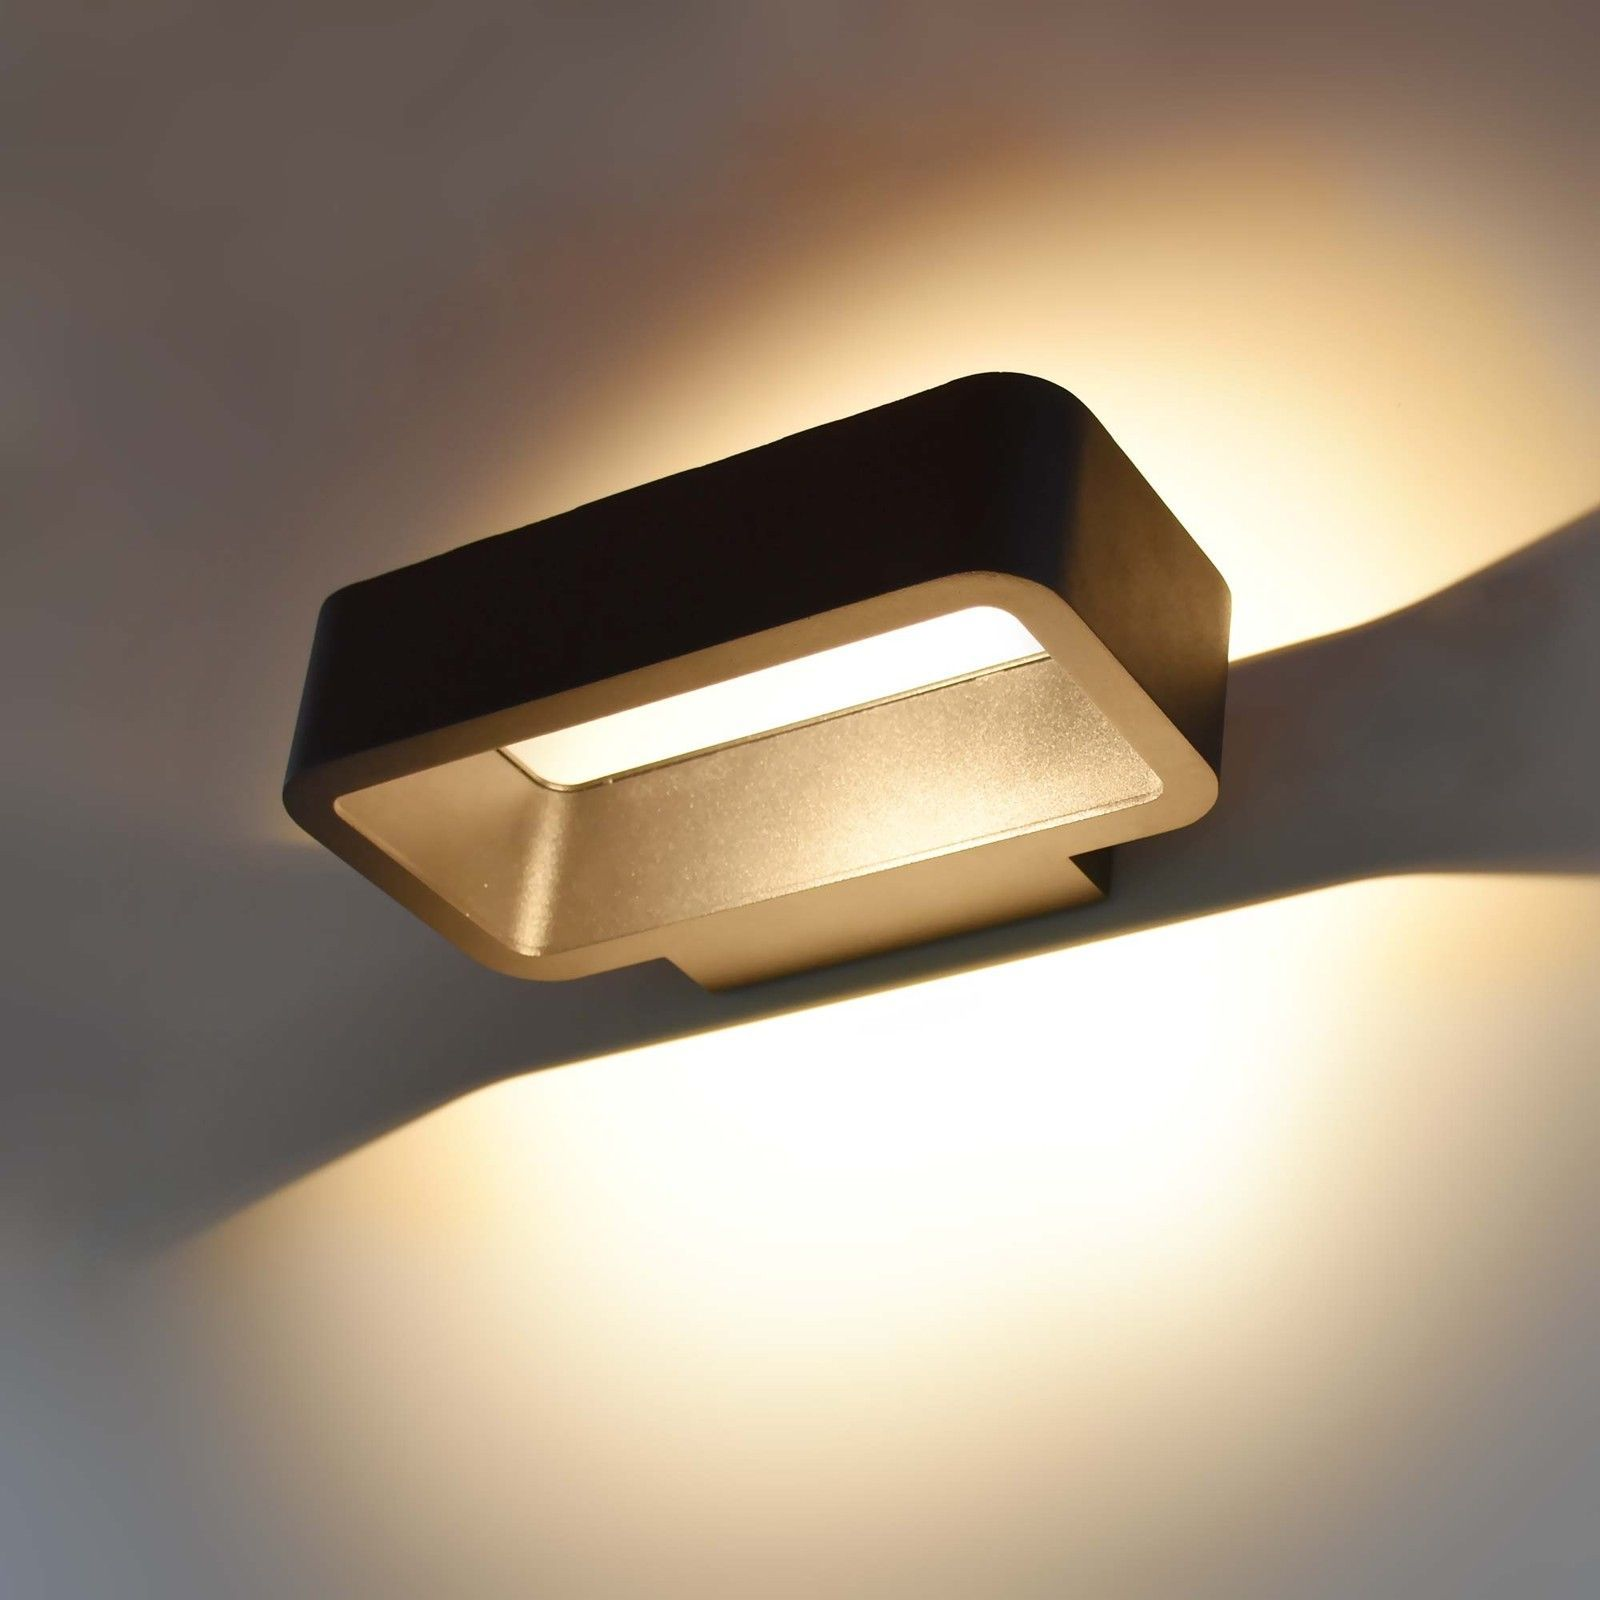 Bewegungsmelder LED Lampe Wandleuchte Wandlampe Leuchte Strahler Wand Alu